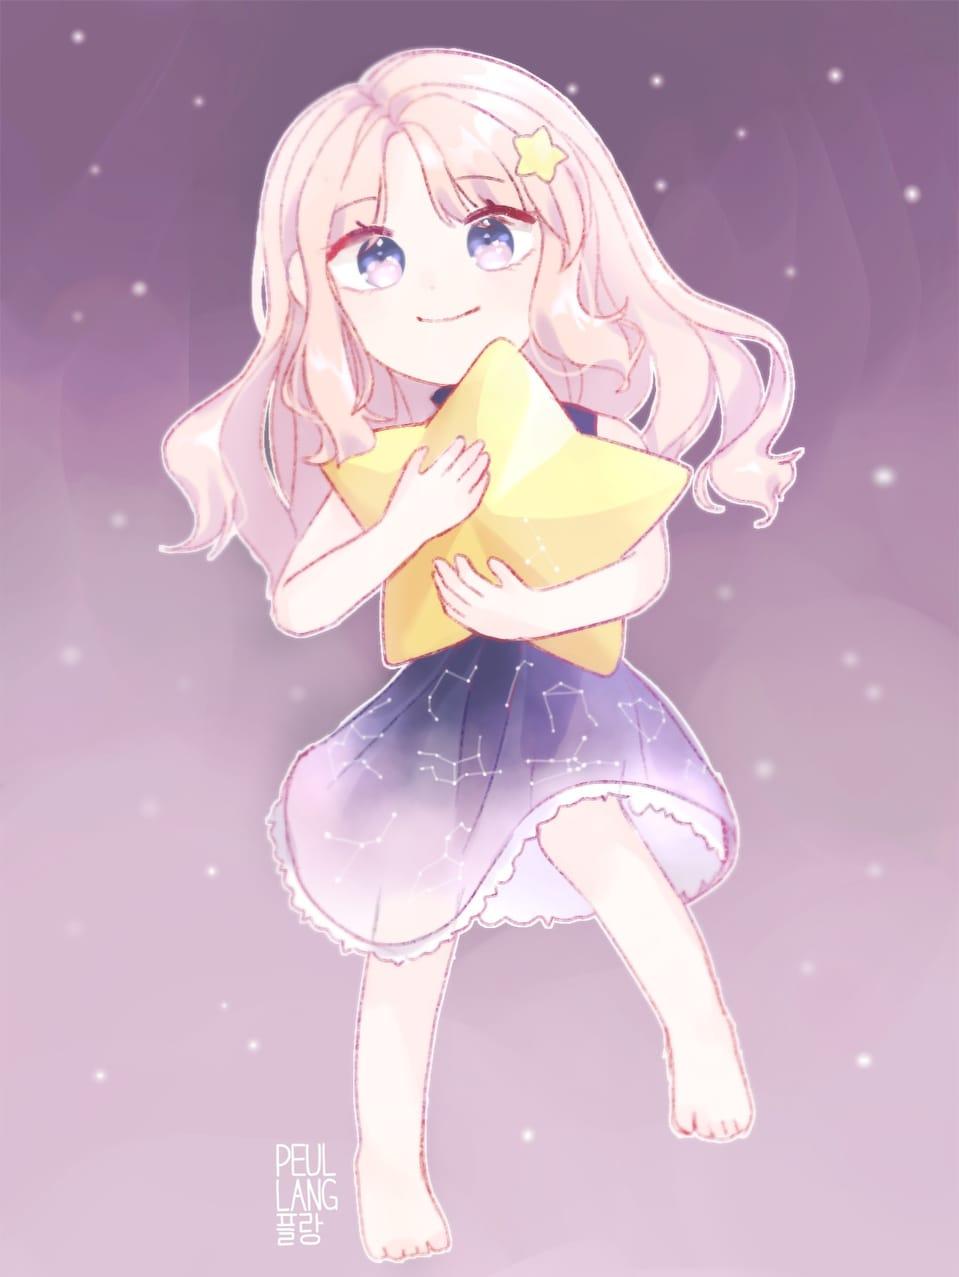 밤하늘 소녀 Illust of 플랑❦ space painting 밤하늘 illustration girl 별자리 star